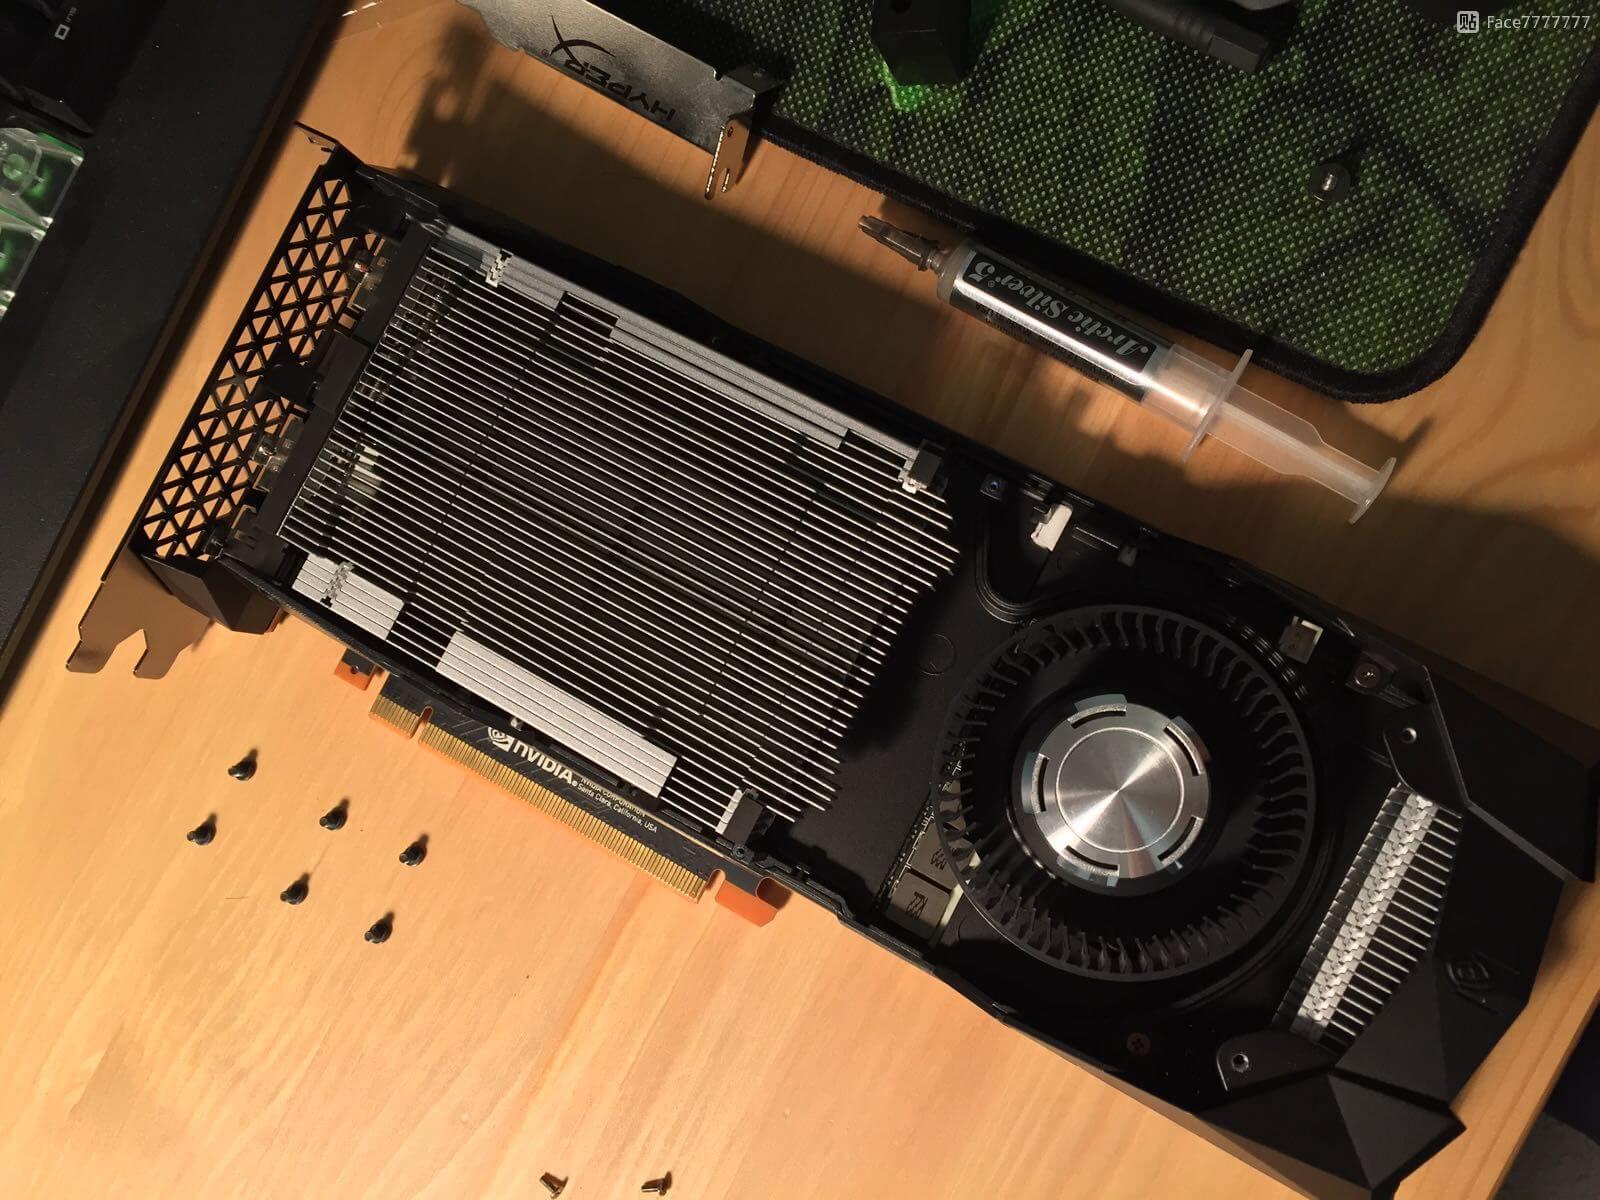 Nuevas imágenes muestran la Titan Xp al desnudo, monta un chip GP102-450